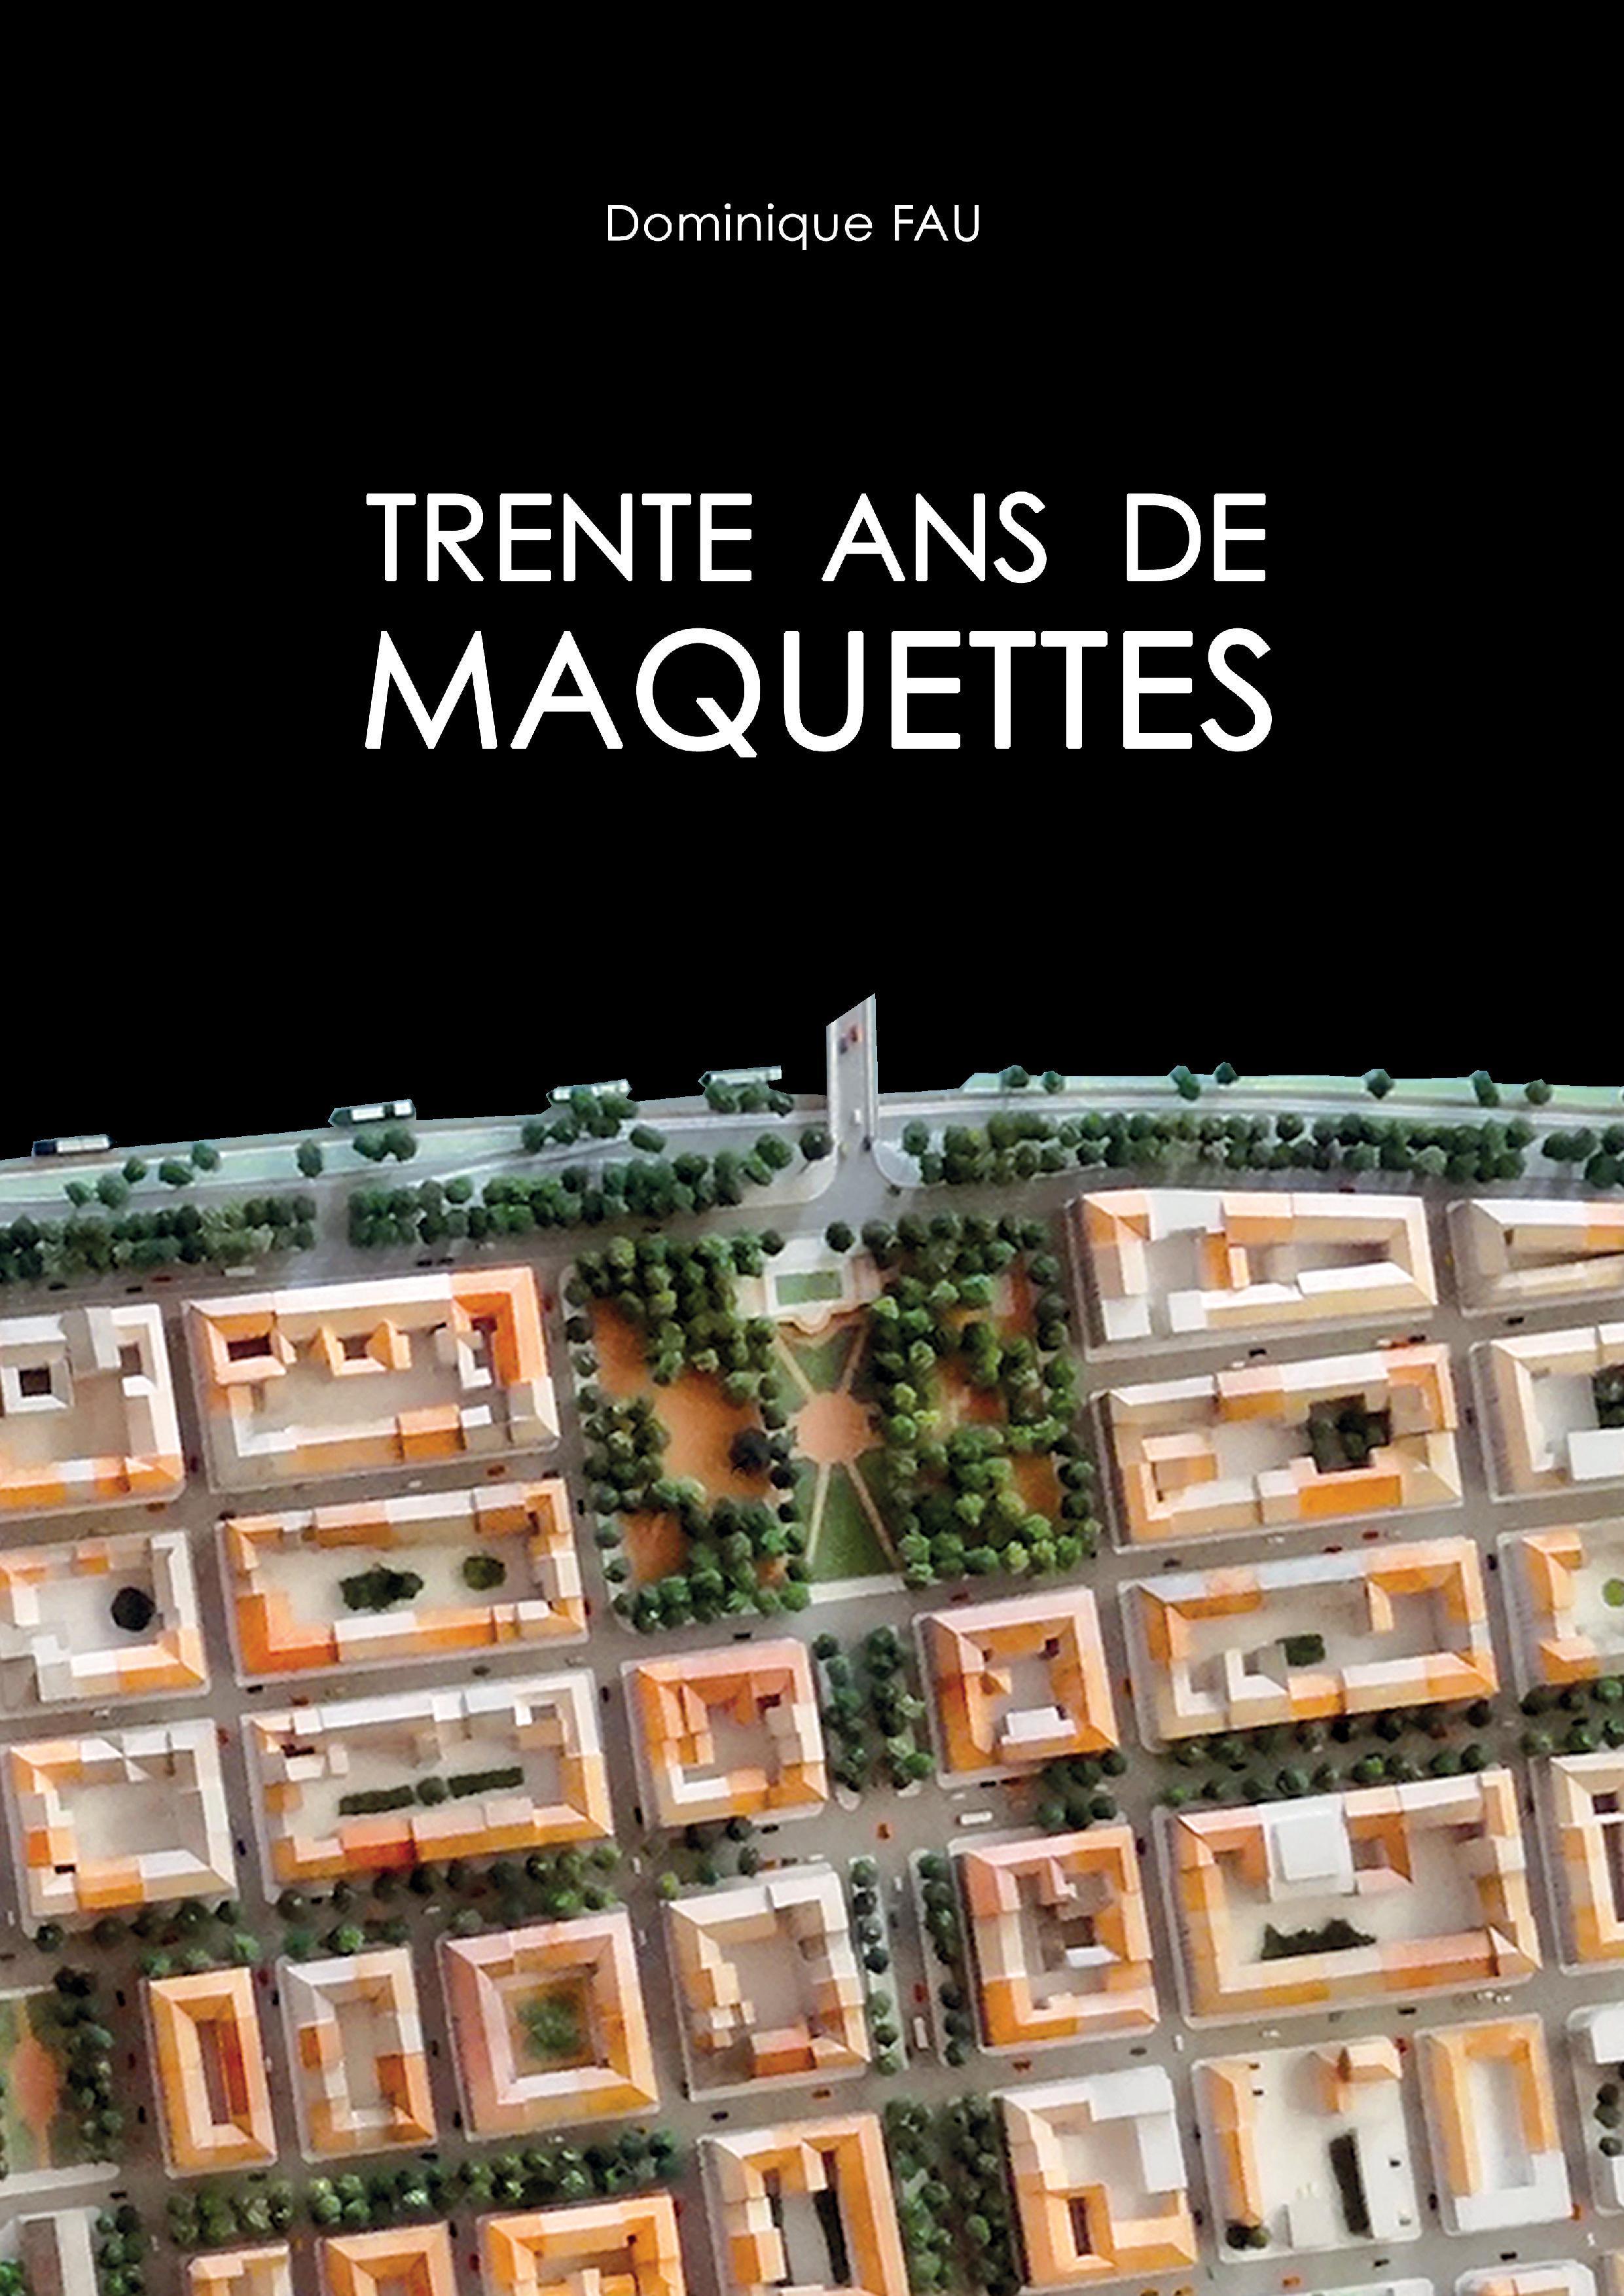 TRENTE ANS DE MAQUETTES